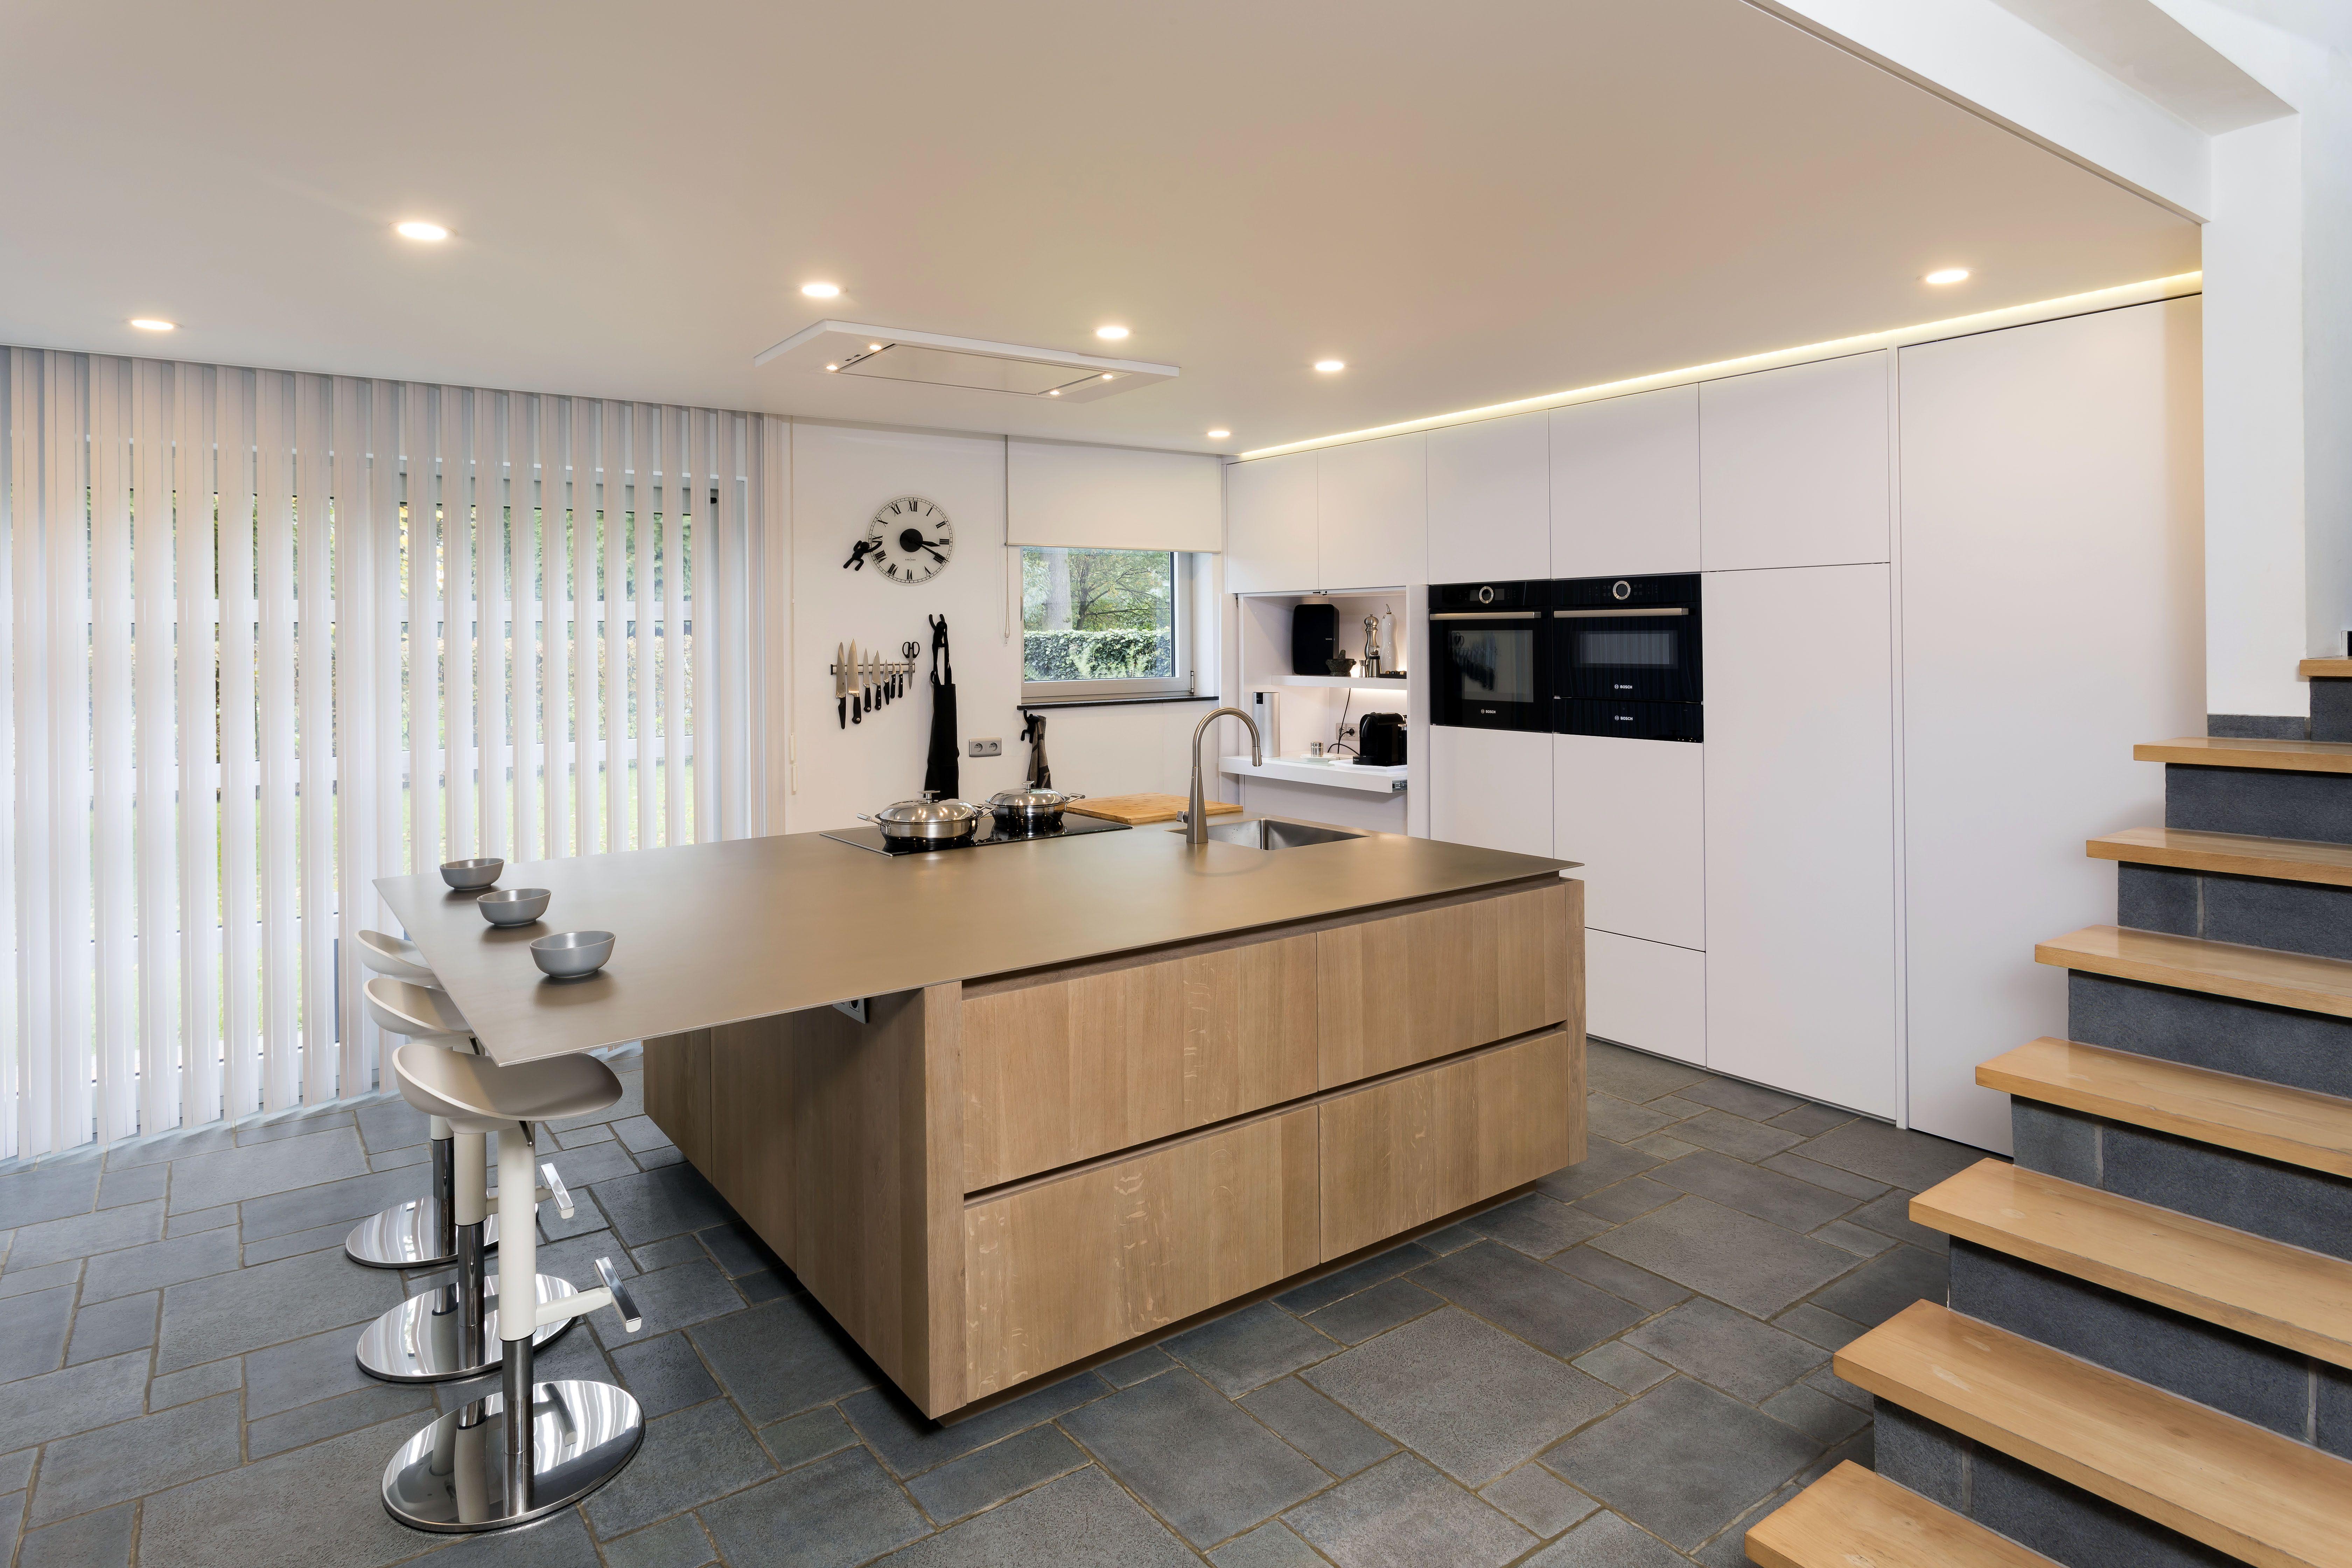 Franssen Keukens Design : Franssen keukens design en luxe keuken design luxe